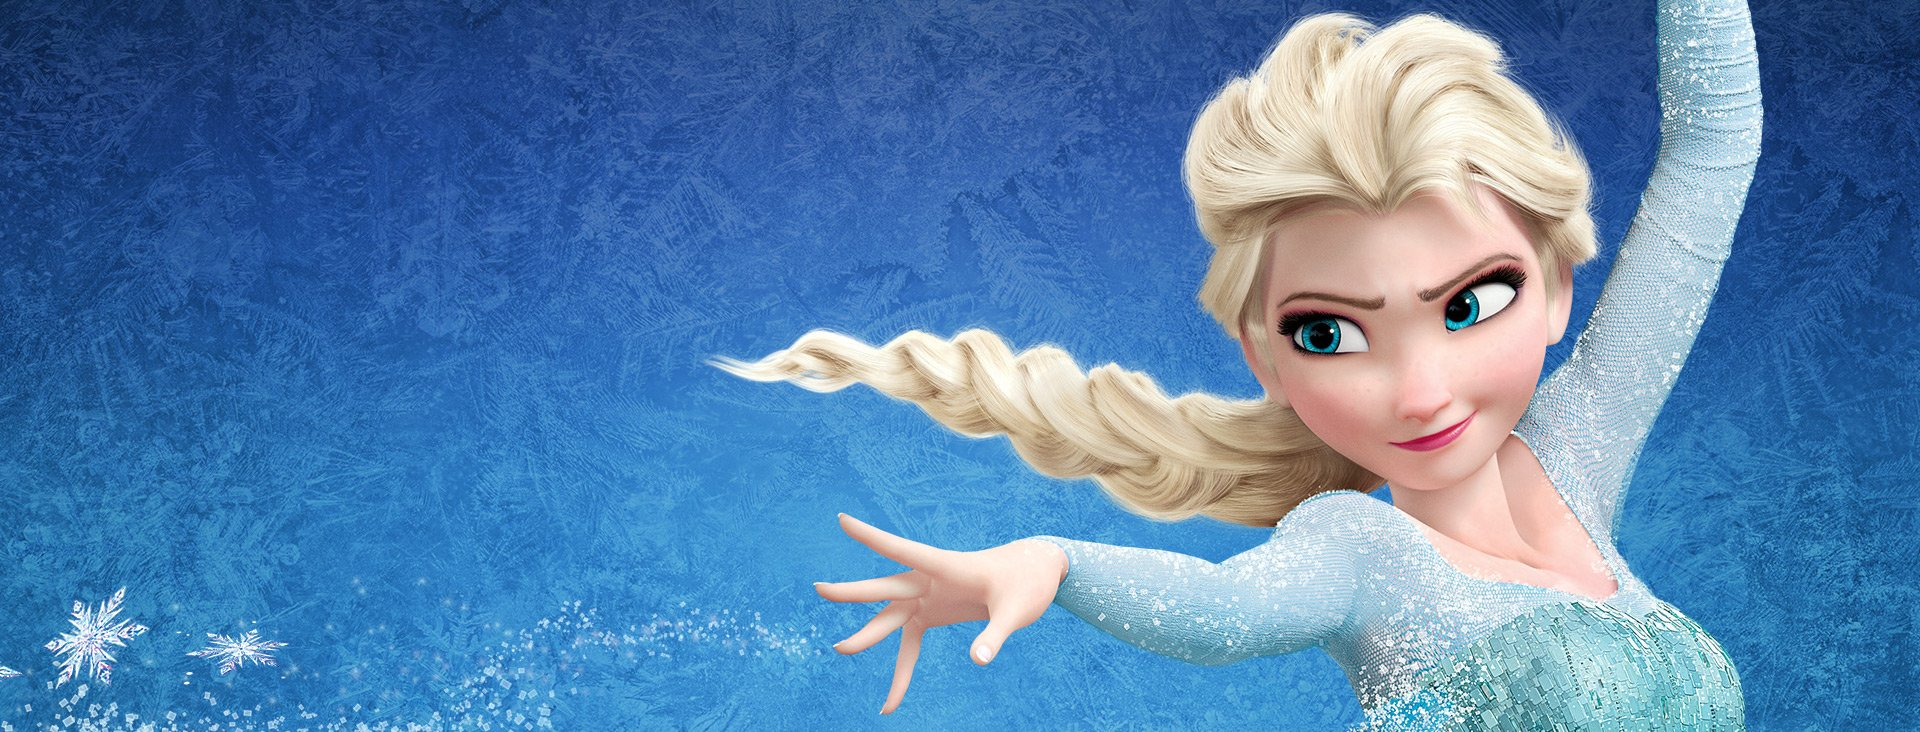 Frozen/